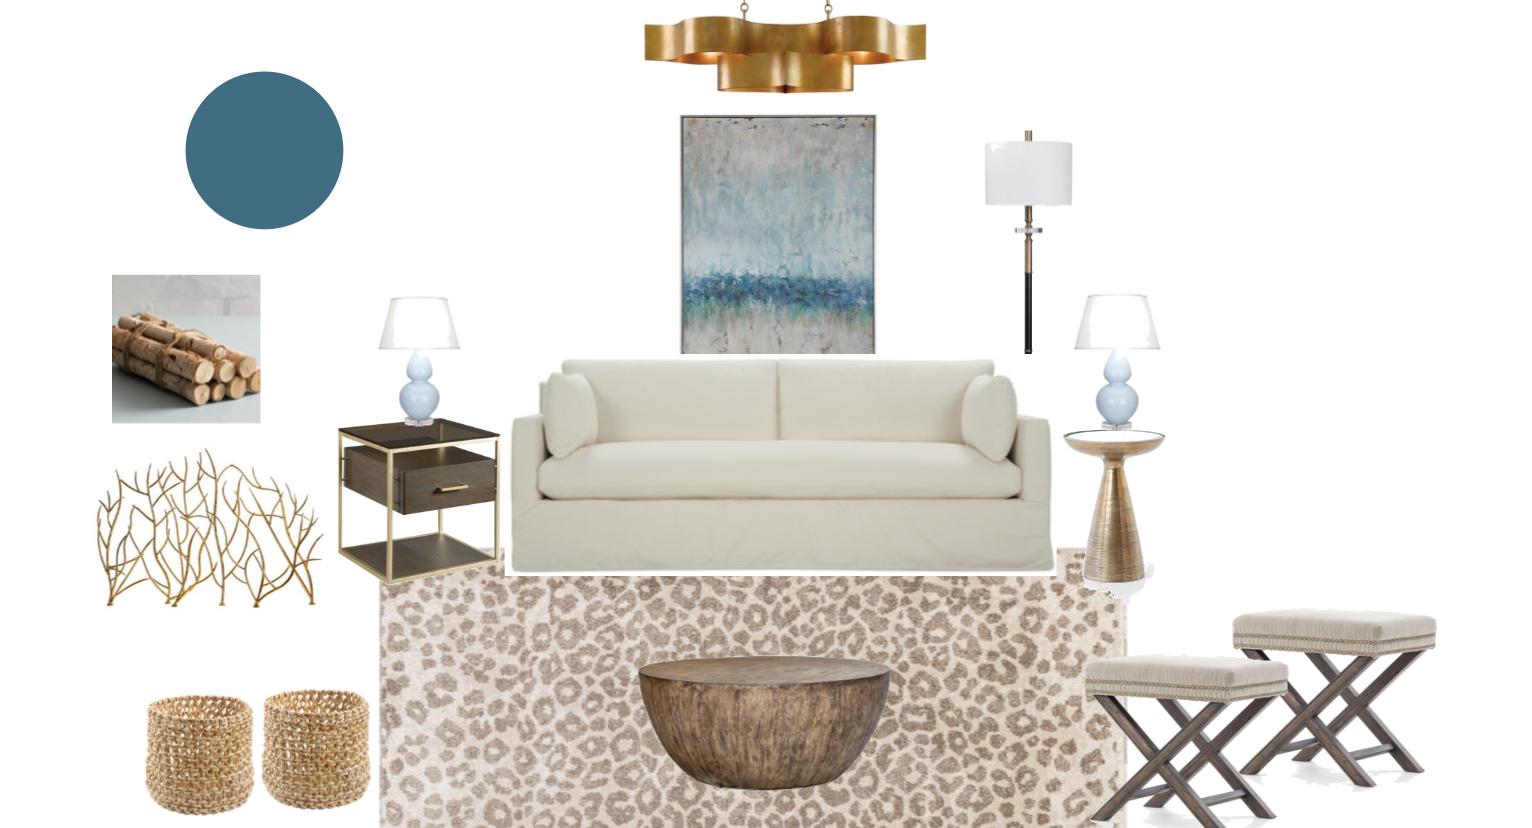 EDesign Affordable Interior Design In Williamsburg Virginia